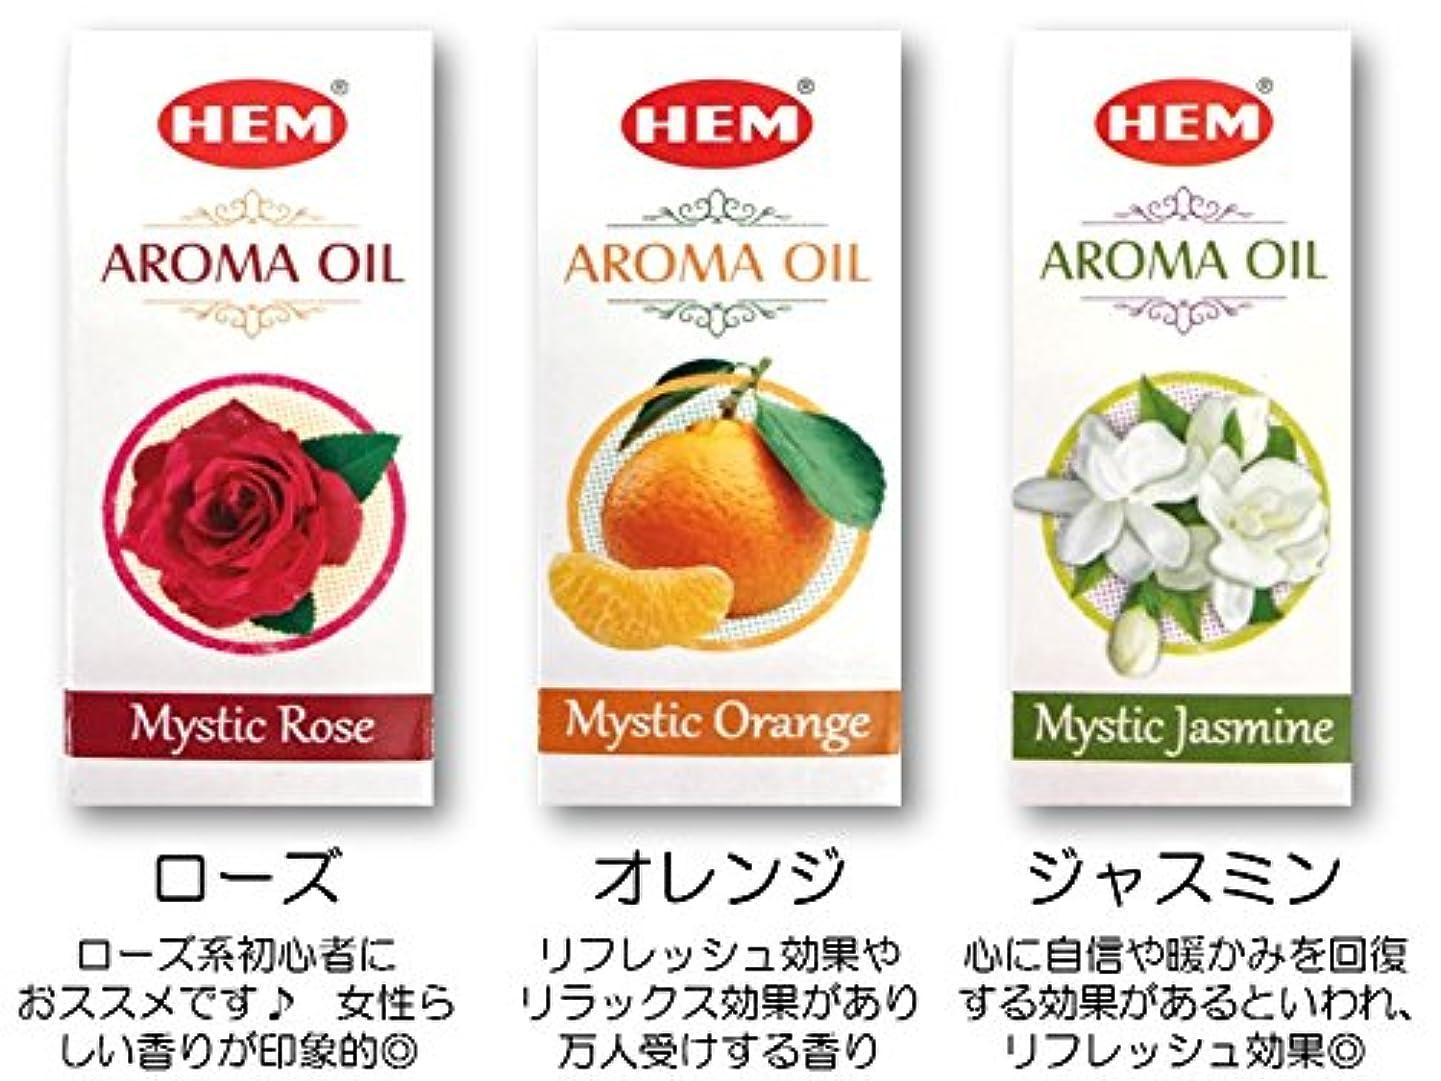 勇気腫瘍敬意HEM(ヘム) アロマオイル 3本セット /ローズ?オレンジ?ジャスミン/ルームフレグランス用